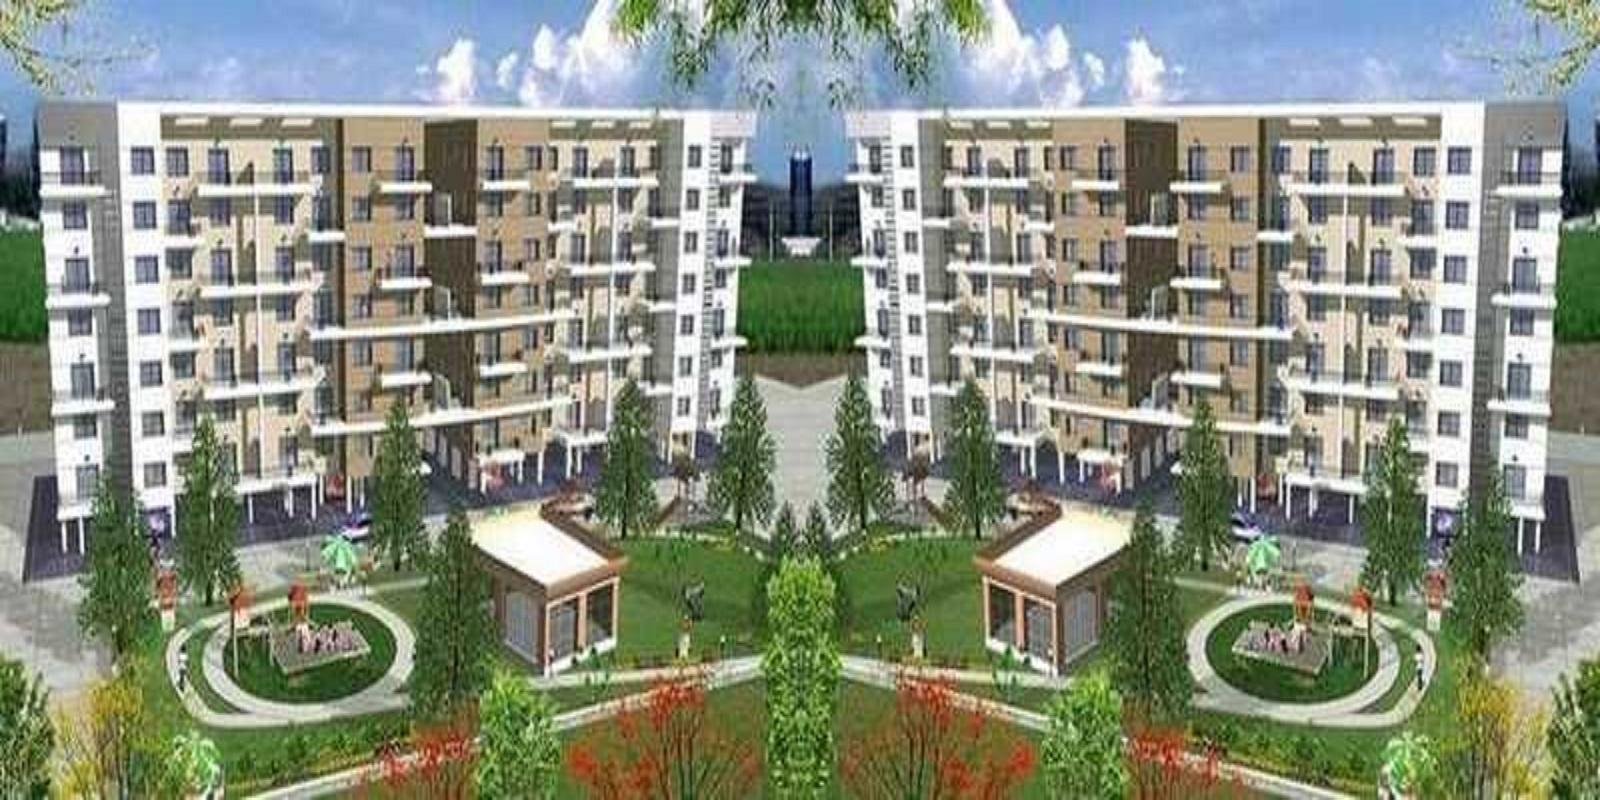 sukhwani elmwoods project large image3